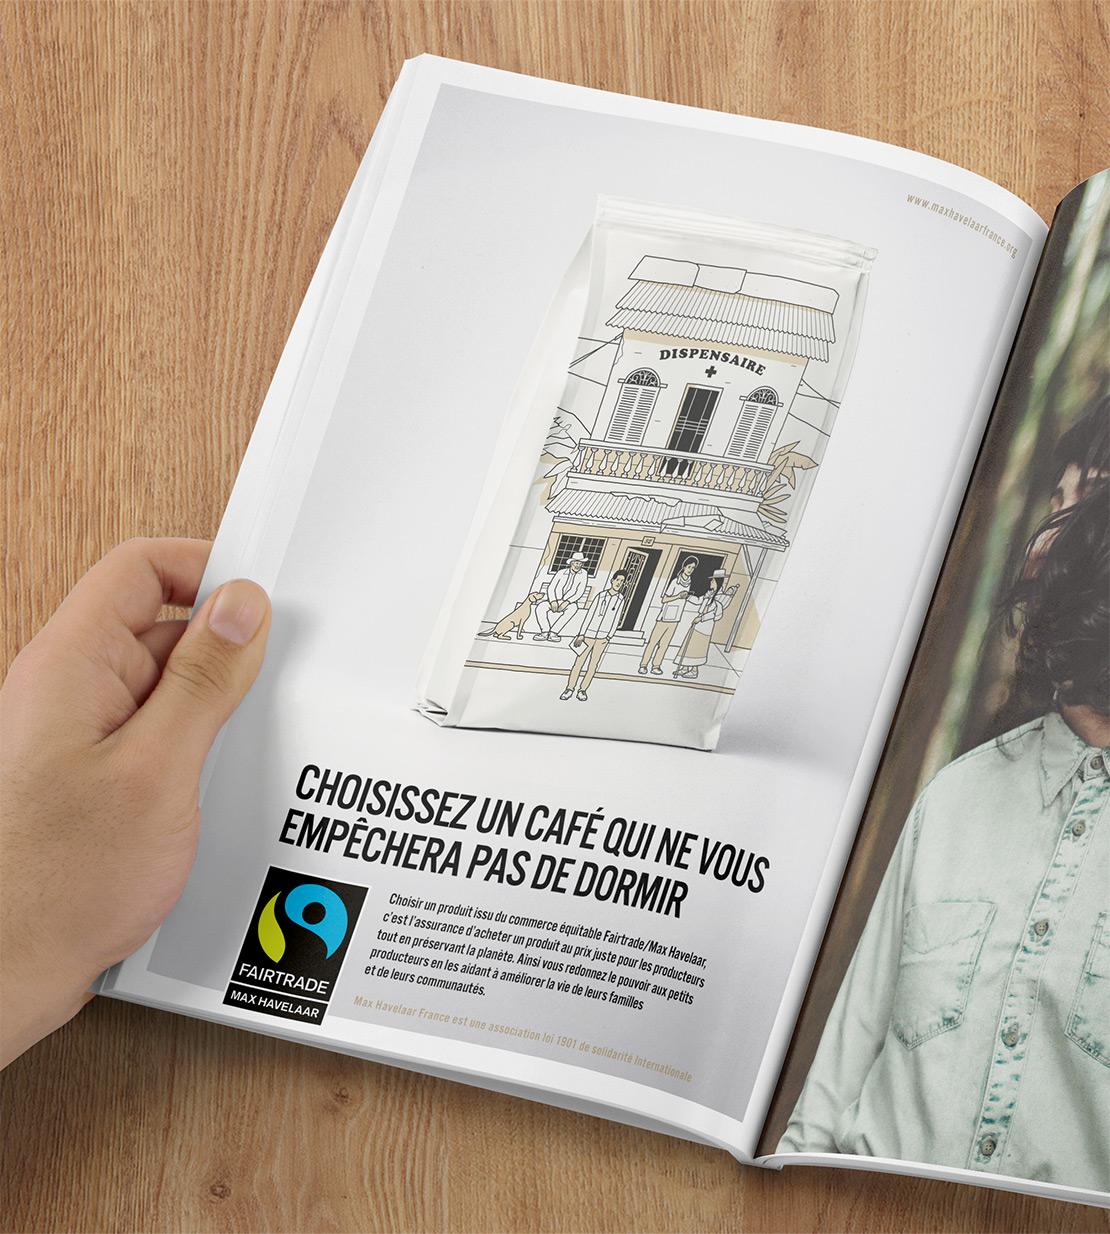 Fairtrade Max Havelaar café publicité presse Notchup